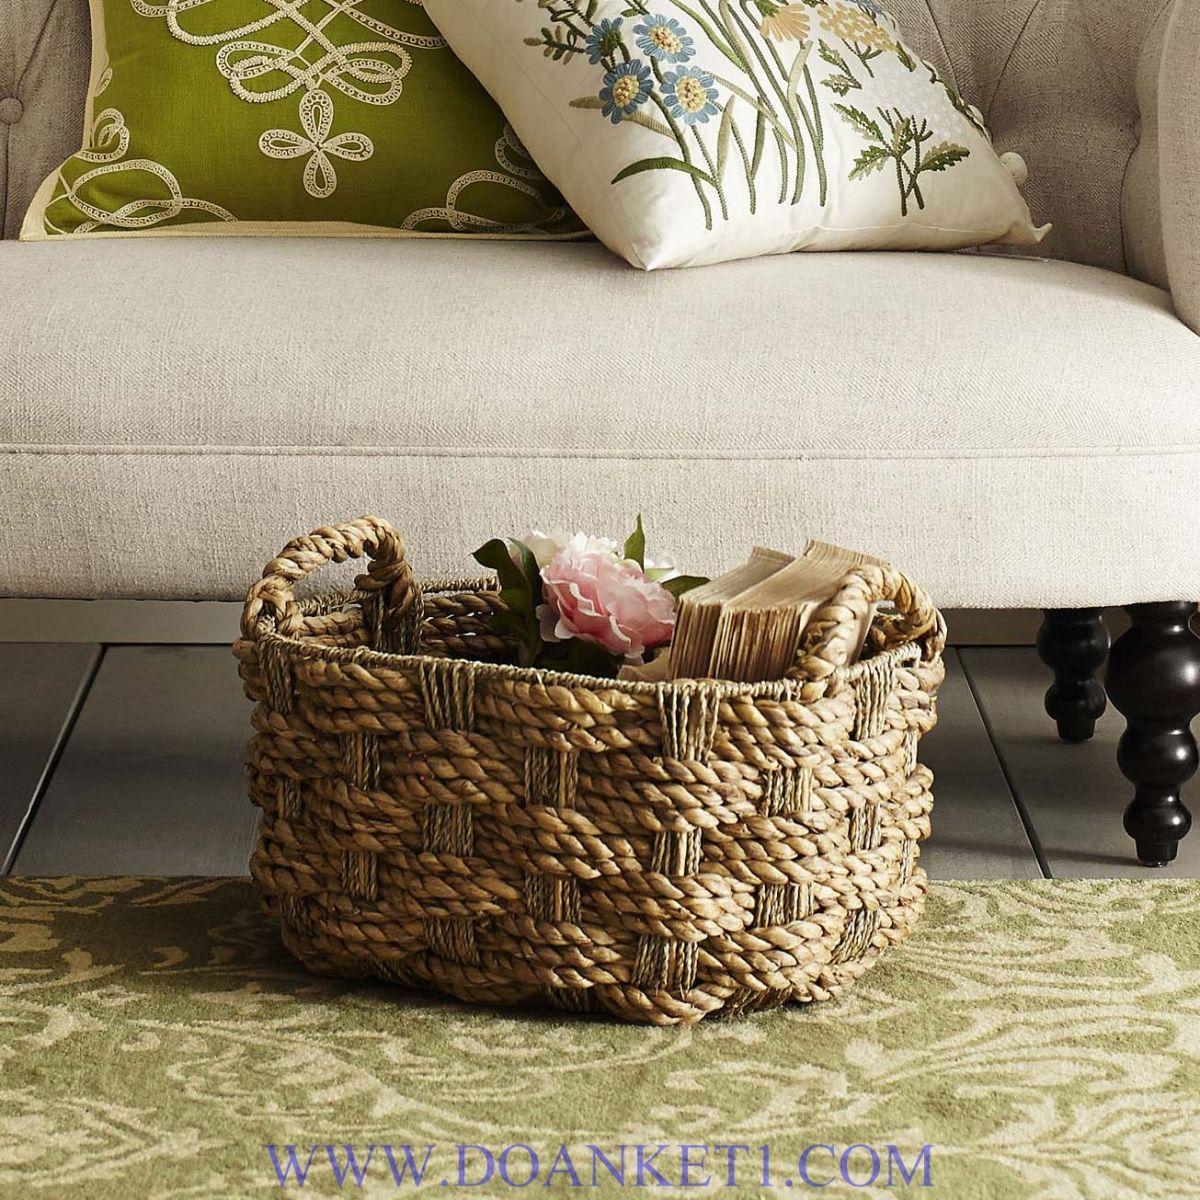 Seagrass Storage # DK254